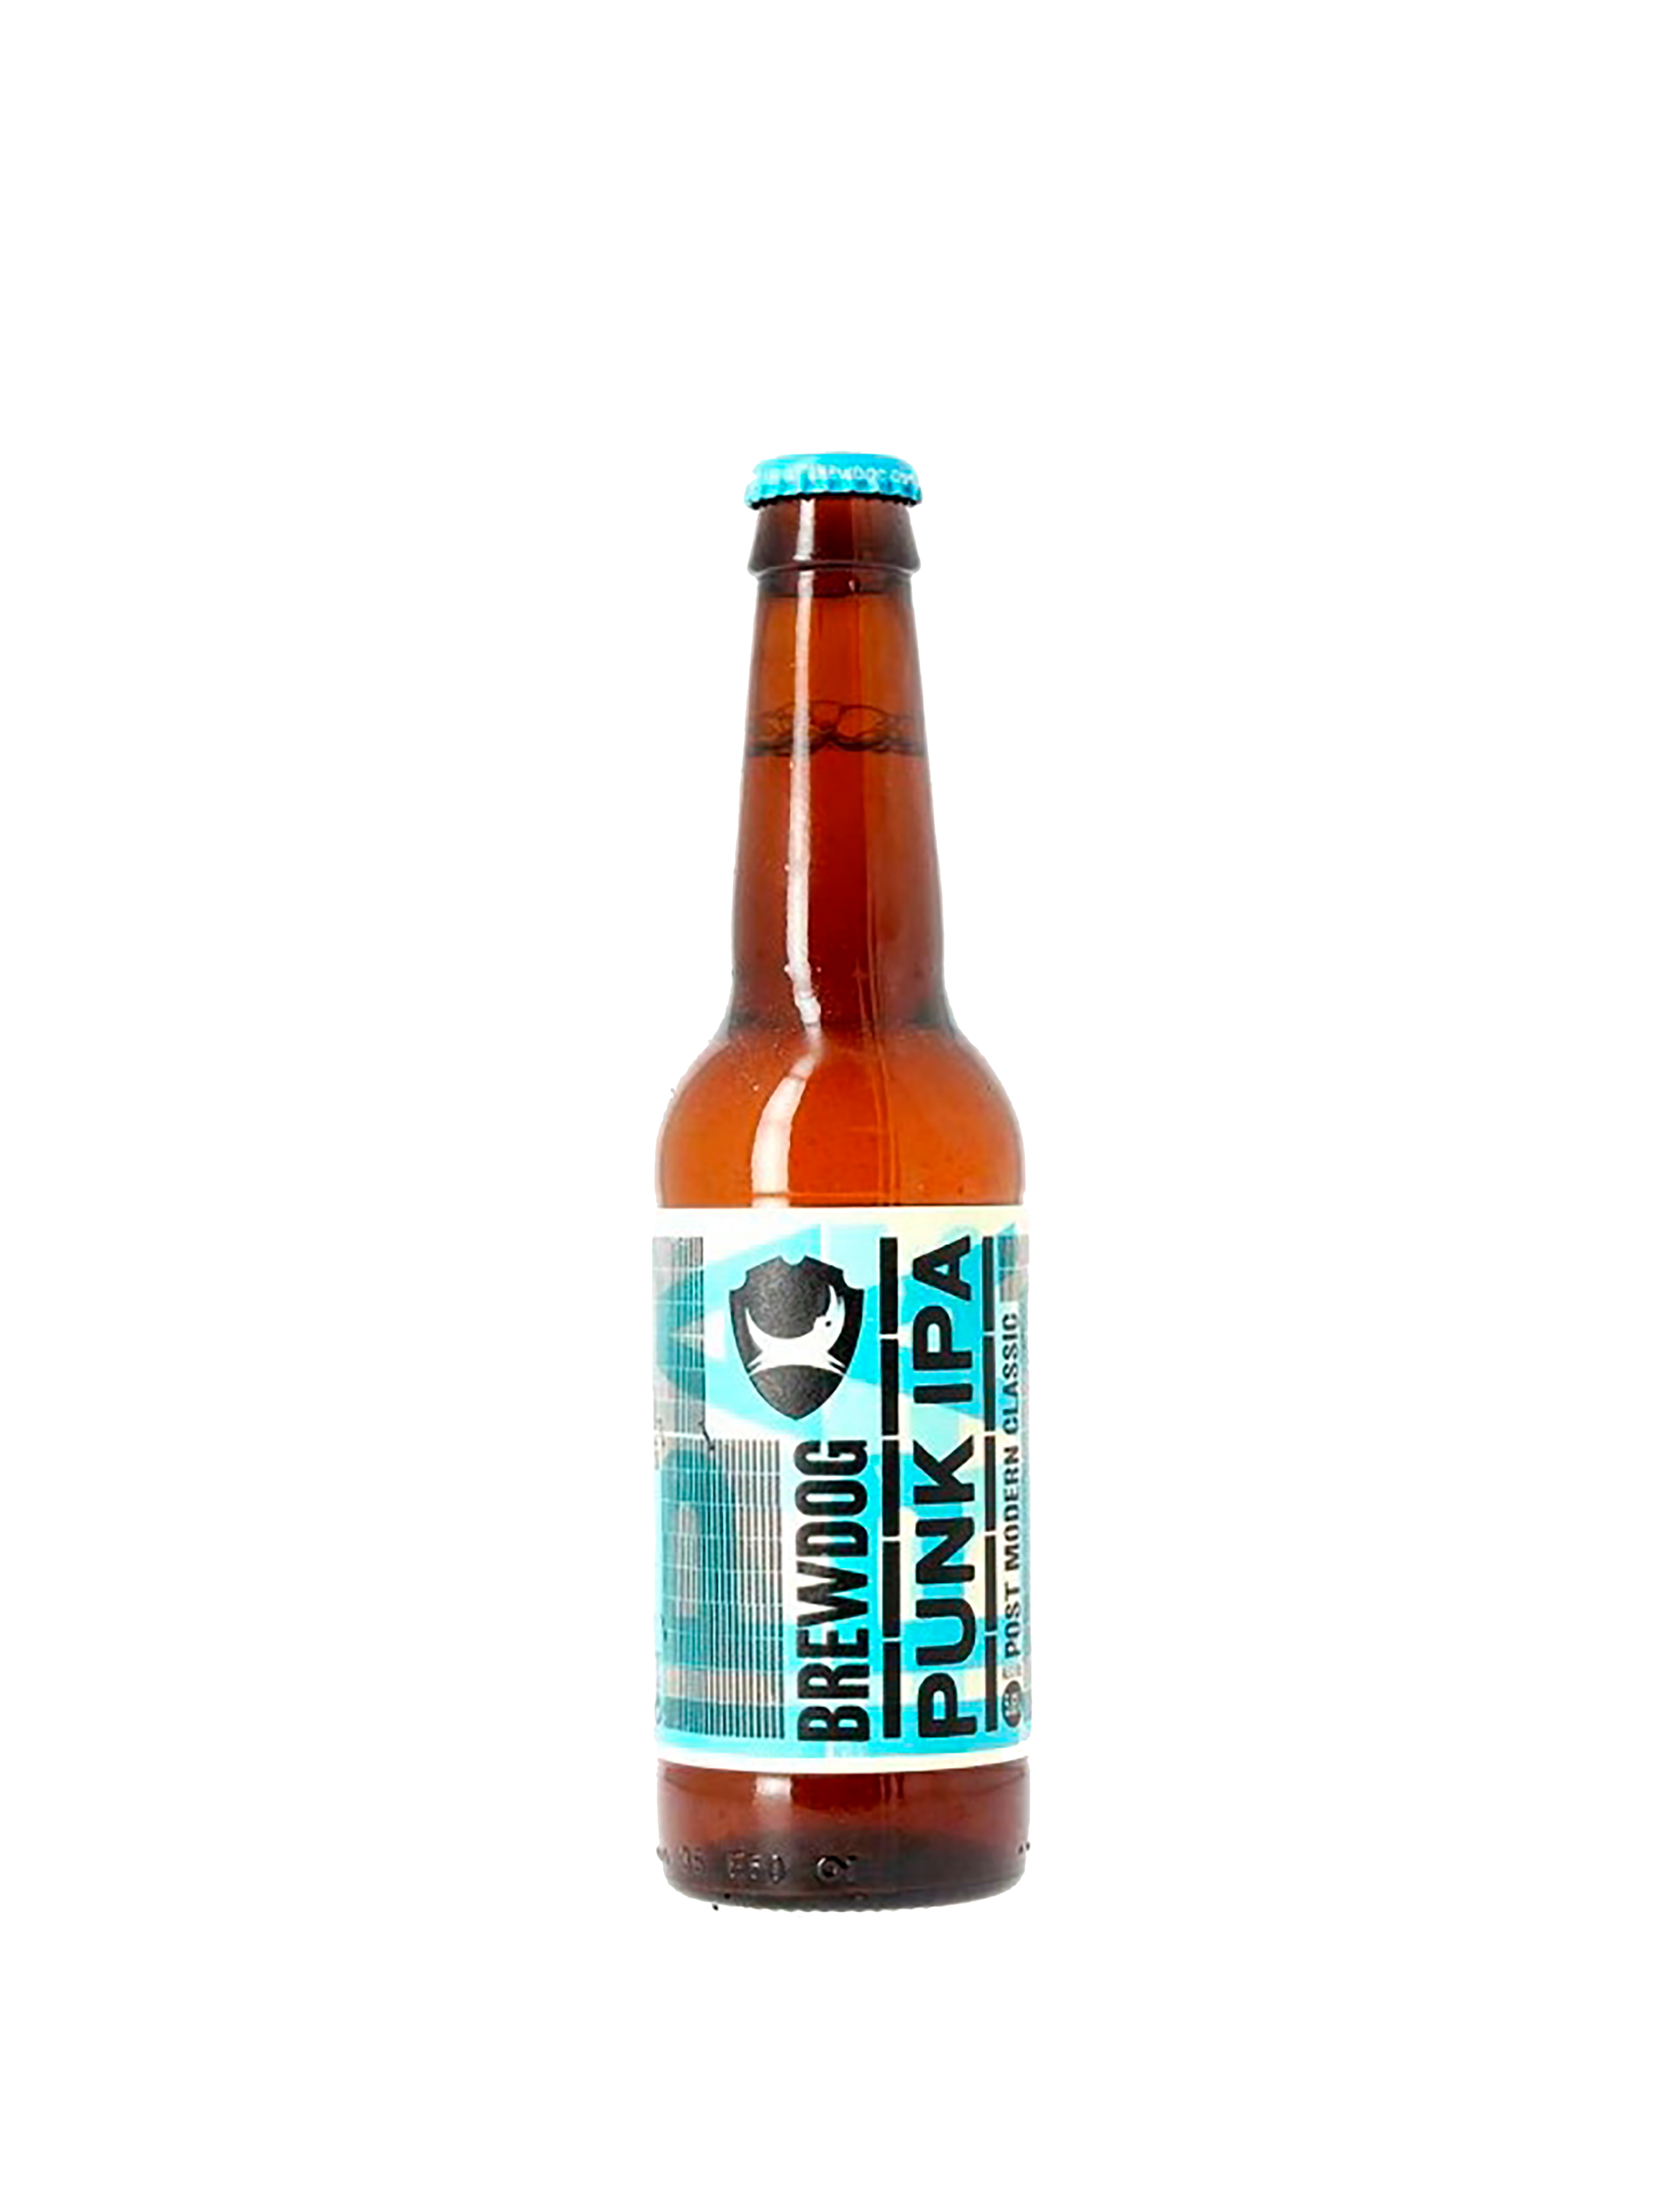 Bottiglia di birra con etichetta azzurra con scritte nere